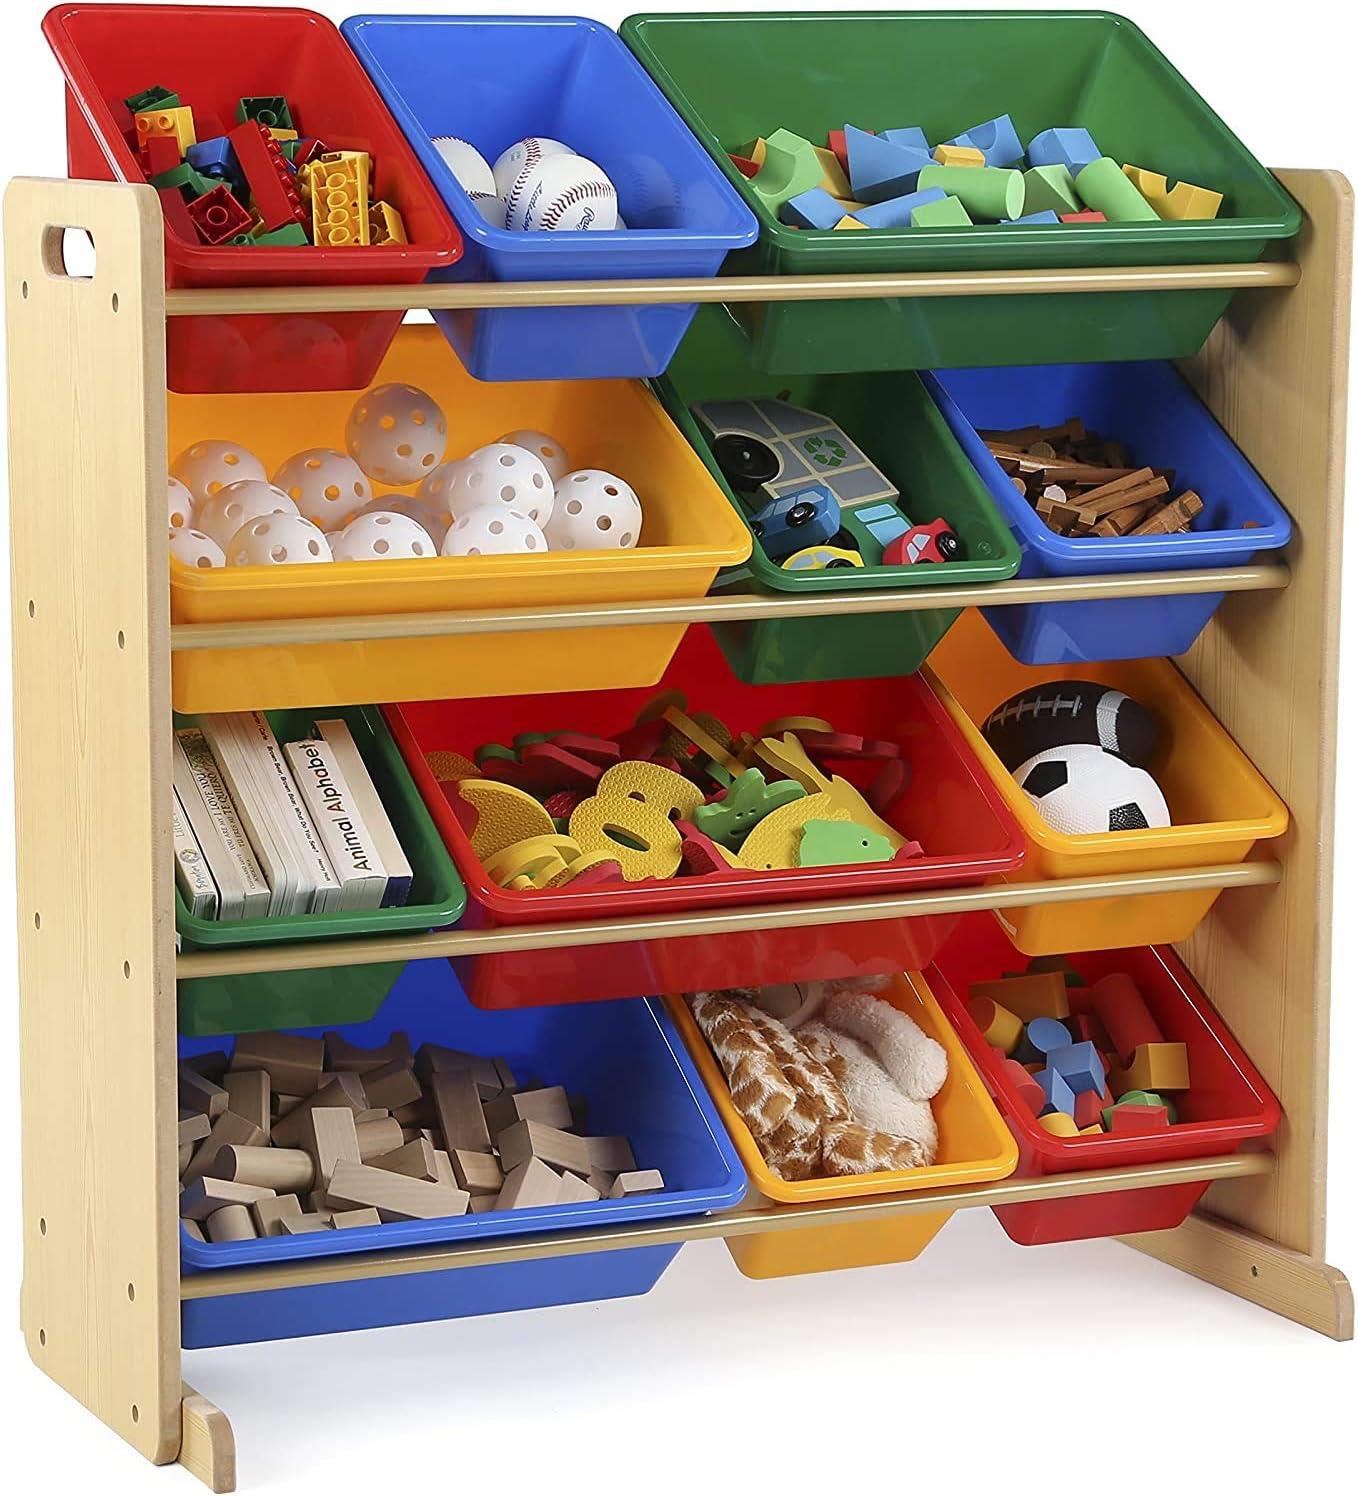 rimovibile con libreria e tessuto non tessuto o plastica PALAKLOT libreria organizer per giocattoli a 4 livelli Contenitore per giocattoli per bambini